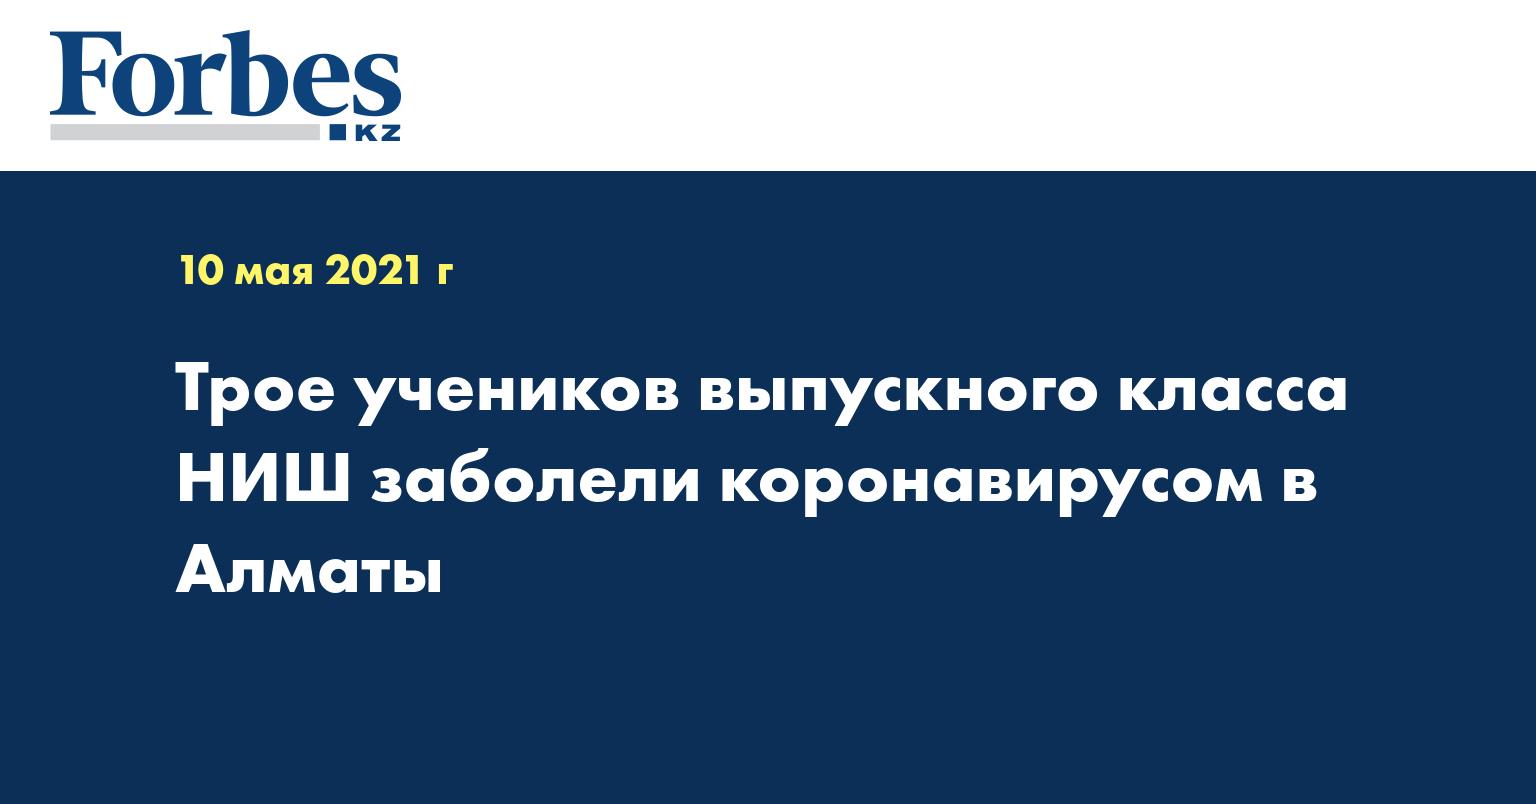 Трое учеников выпускного класса НИШ заболели коронавирусом в Алматы